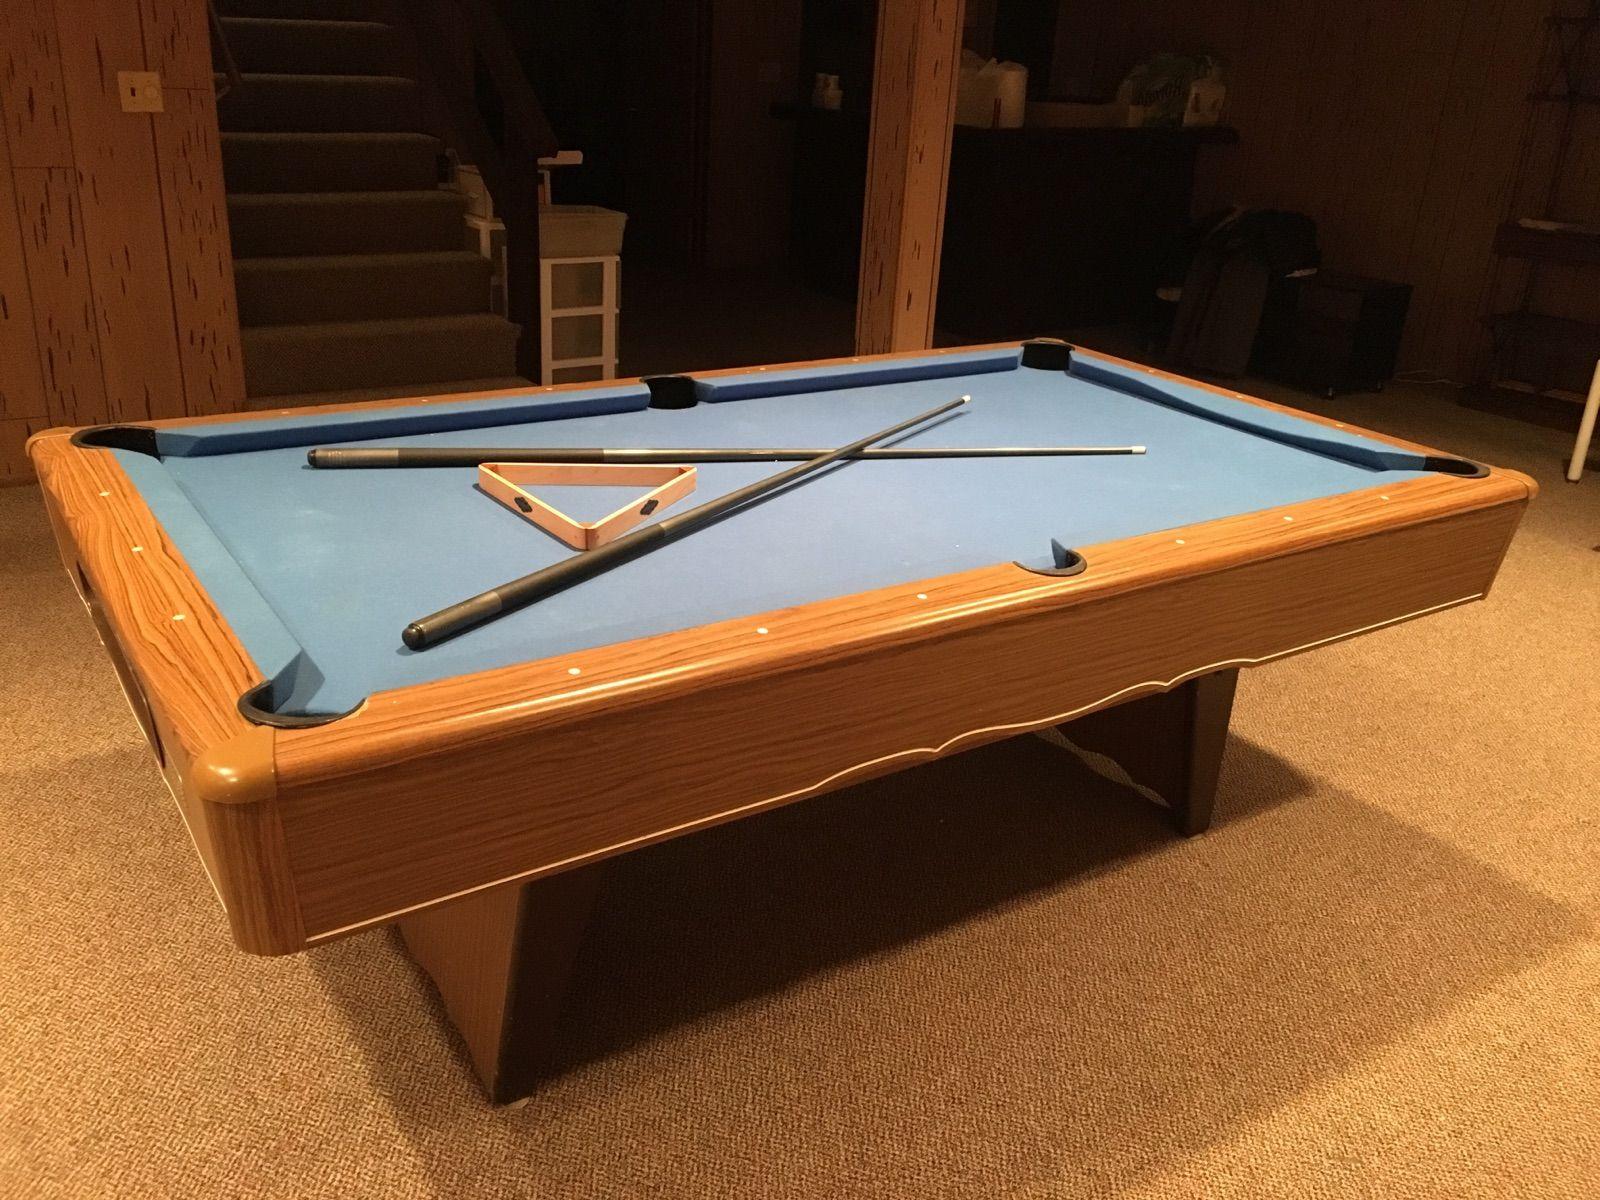 Minnesota Fats 7' Pool Table 7' Used Slate Pool Tables